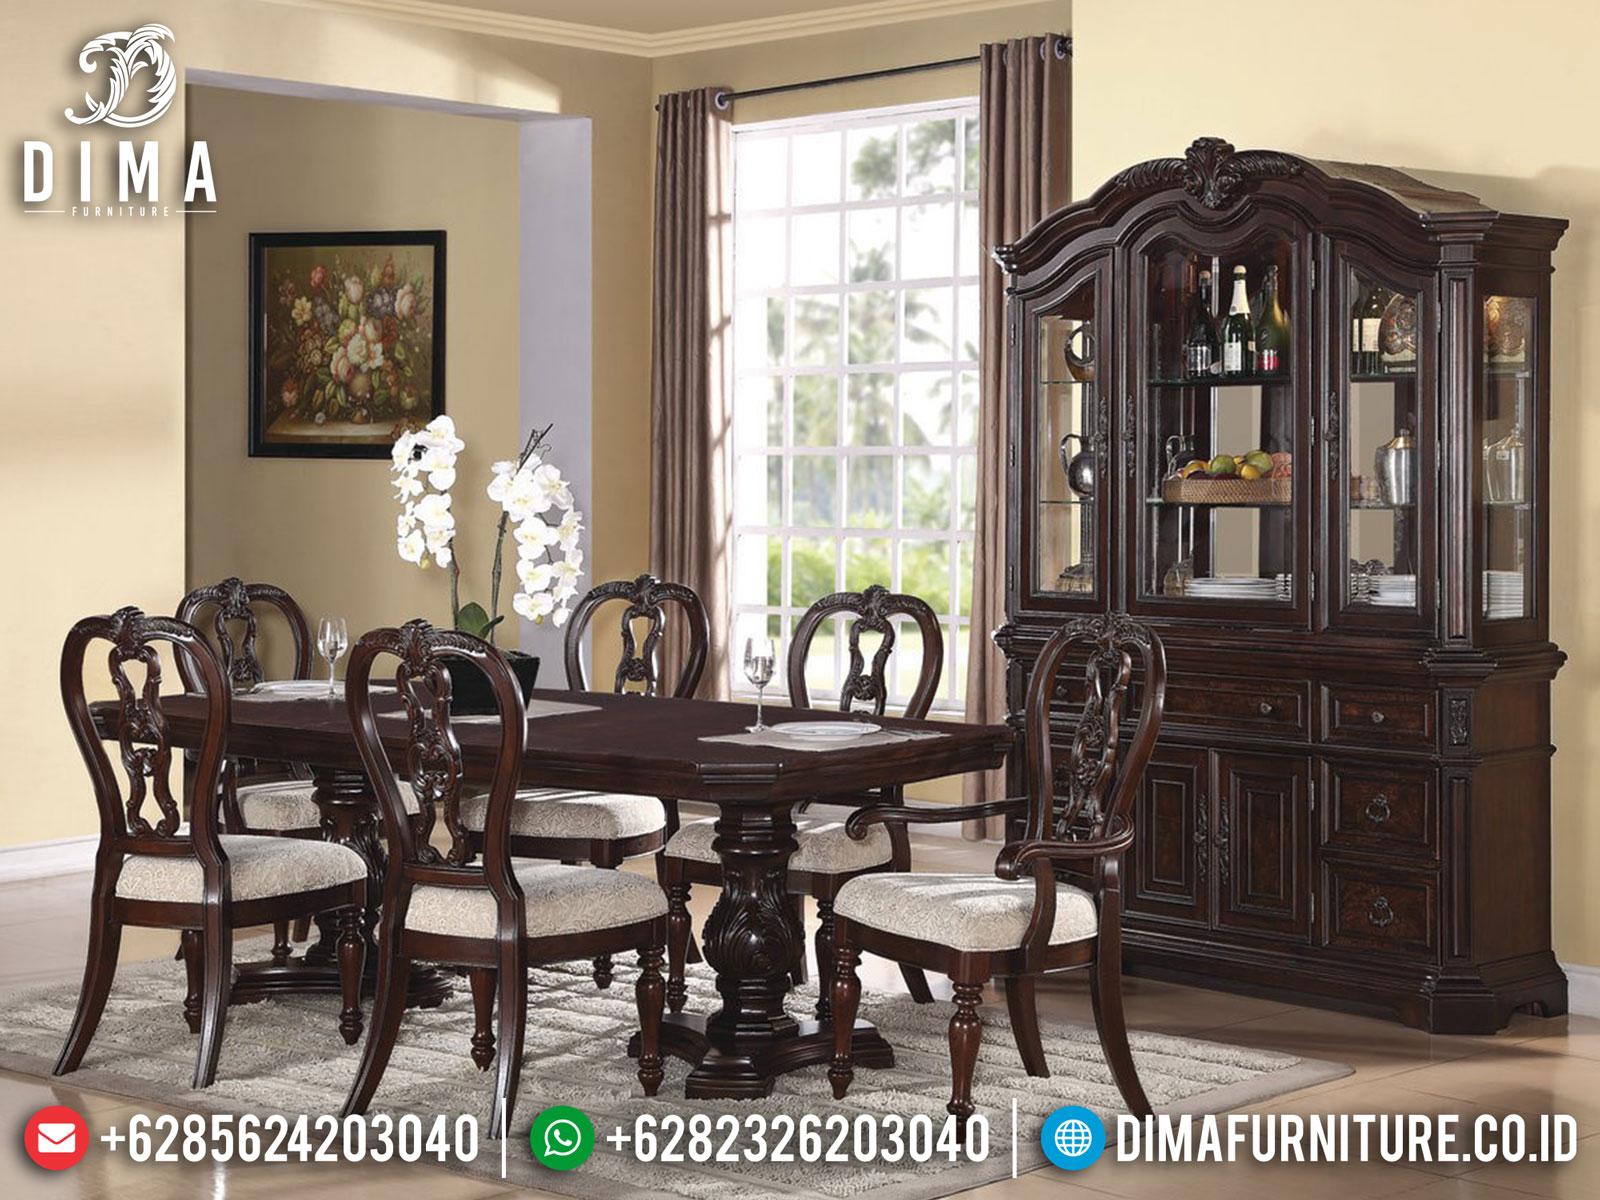 Glorias Set Meja Makan Minimalis Klasik Natural Jati Perhutani Jepara Luxury Mm-1004